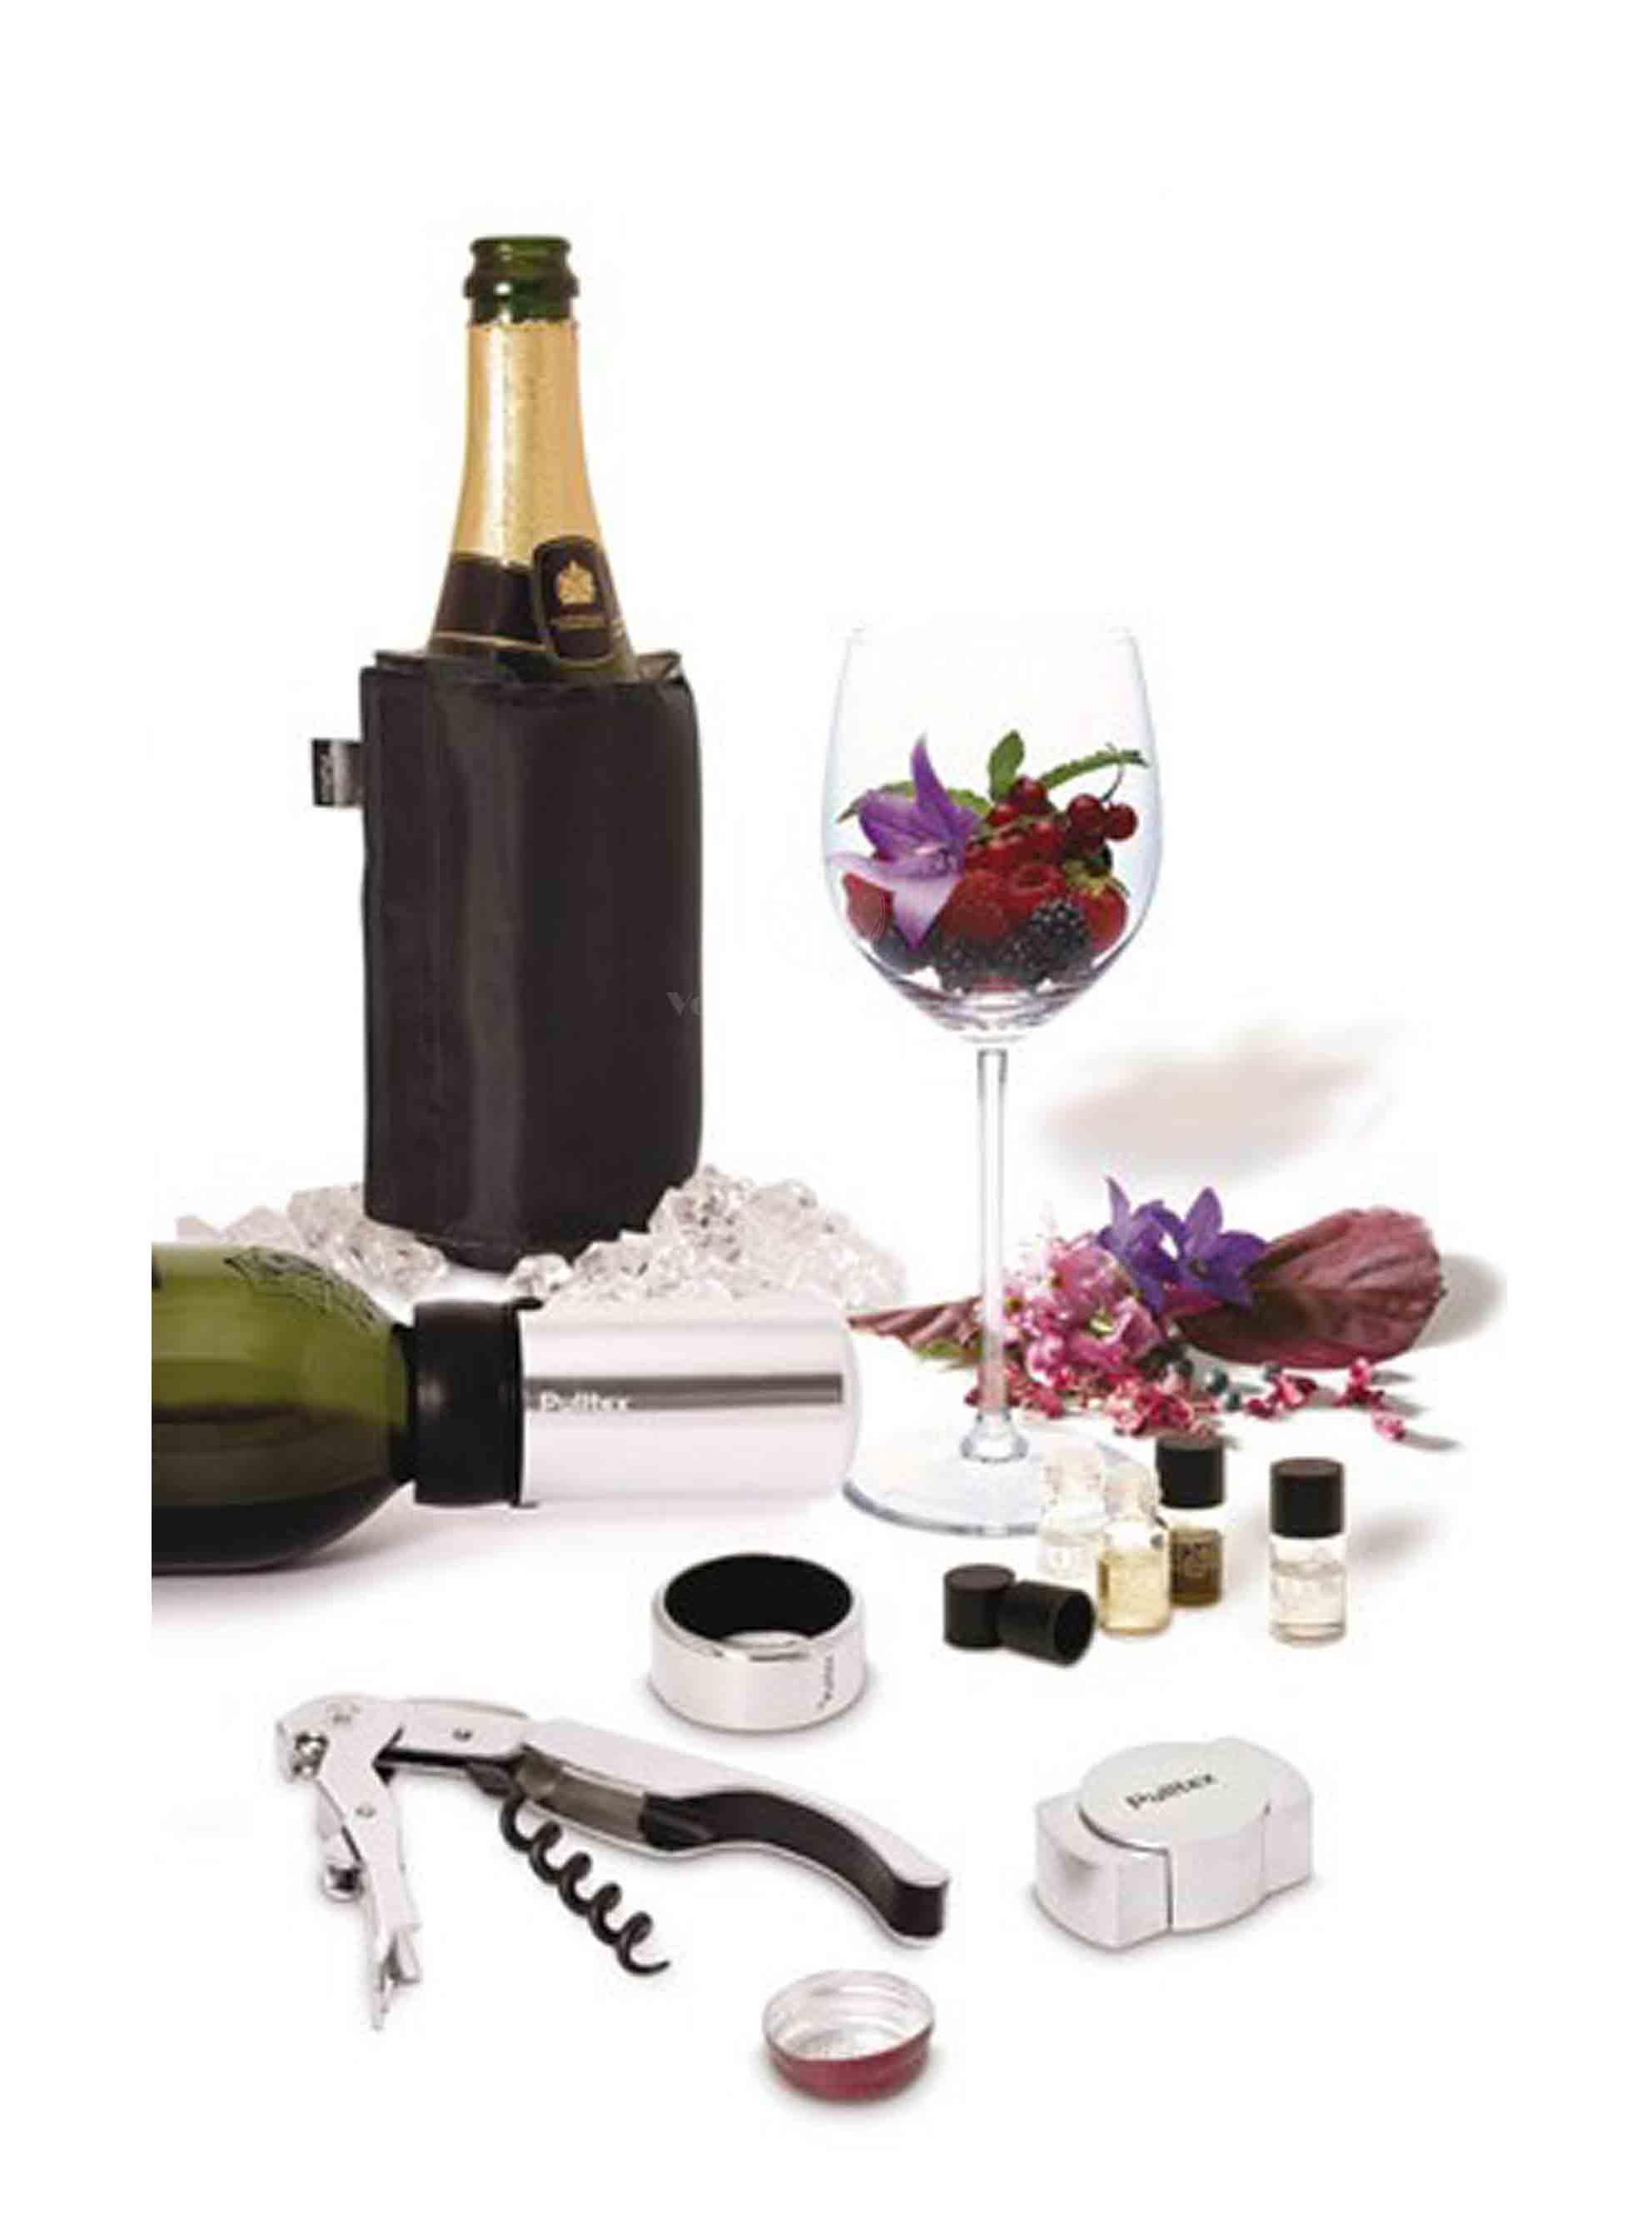 Set esence+vývrtka wine and champ starter Pulltex 1ks